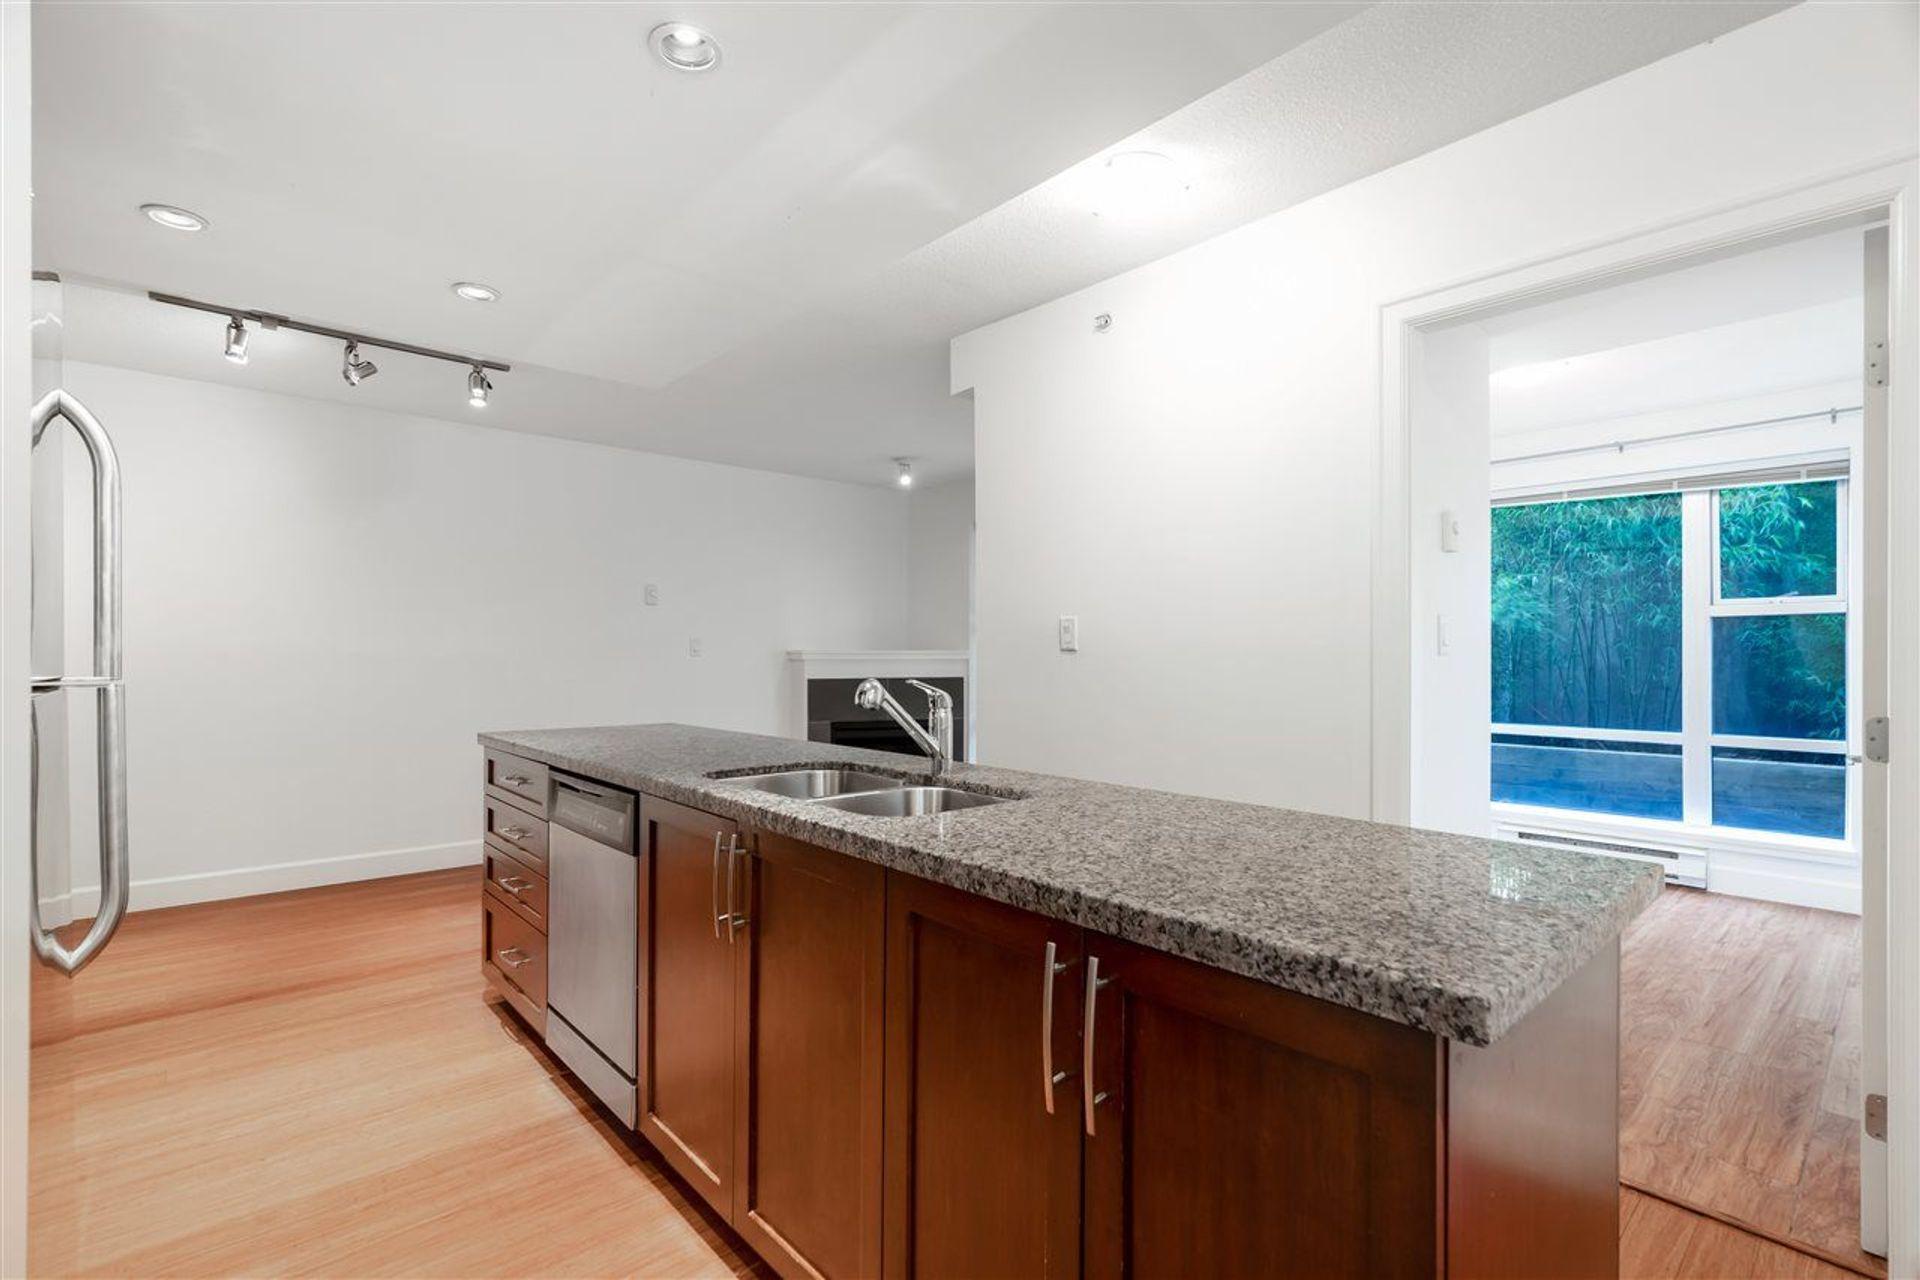 3811-hastings-street-vancouver-heights-burnaby-north-17 at 103 - 3811 Hastings Street, Vancouver Heights, Burnaby North